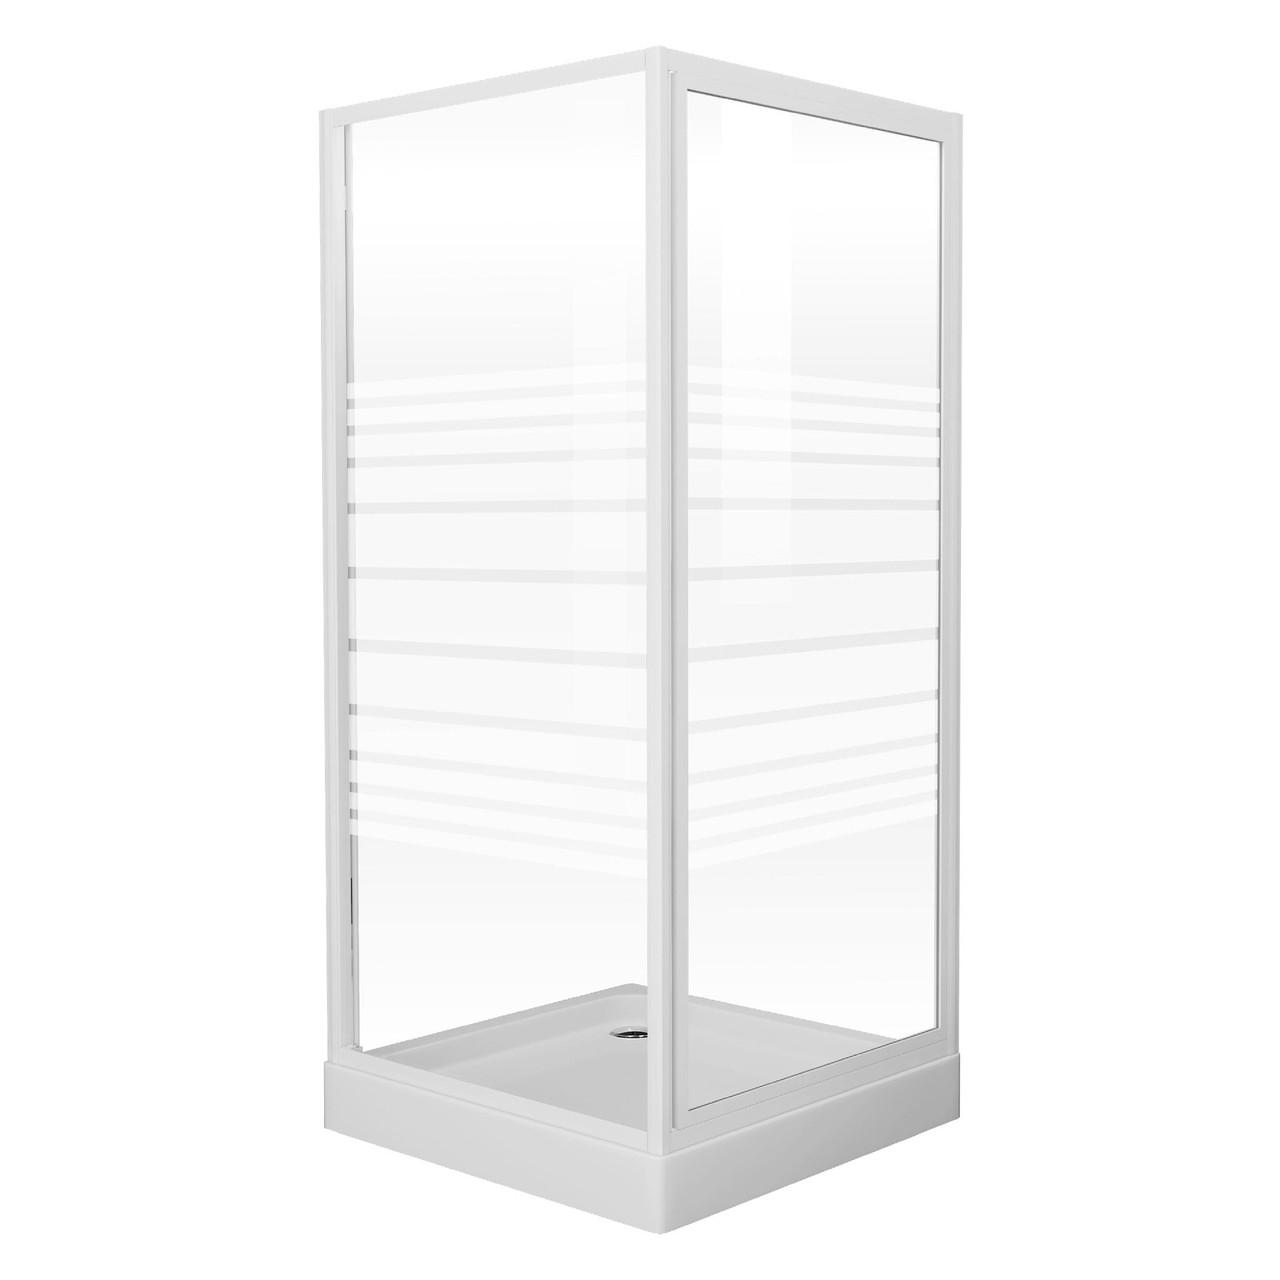 Душевая кабина 90*90*185 см, профиль белый, стекло Frizek (стекла+двери) EGER FRIDA 599-151/1